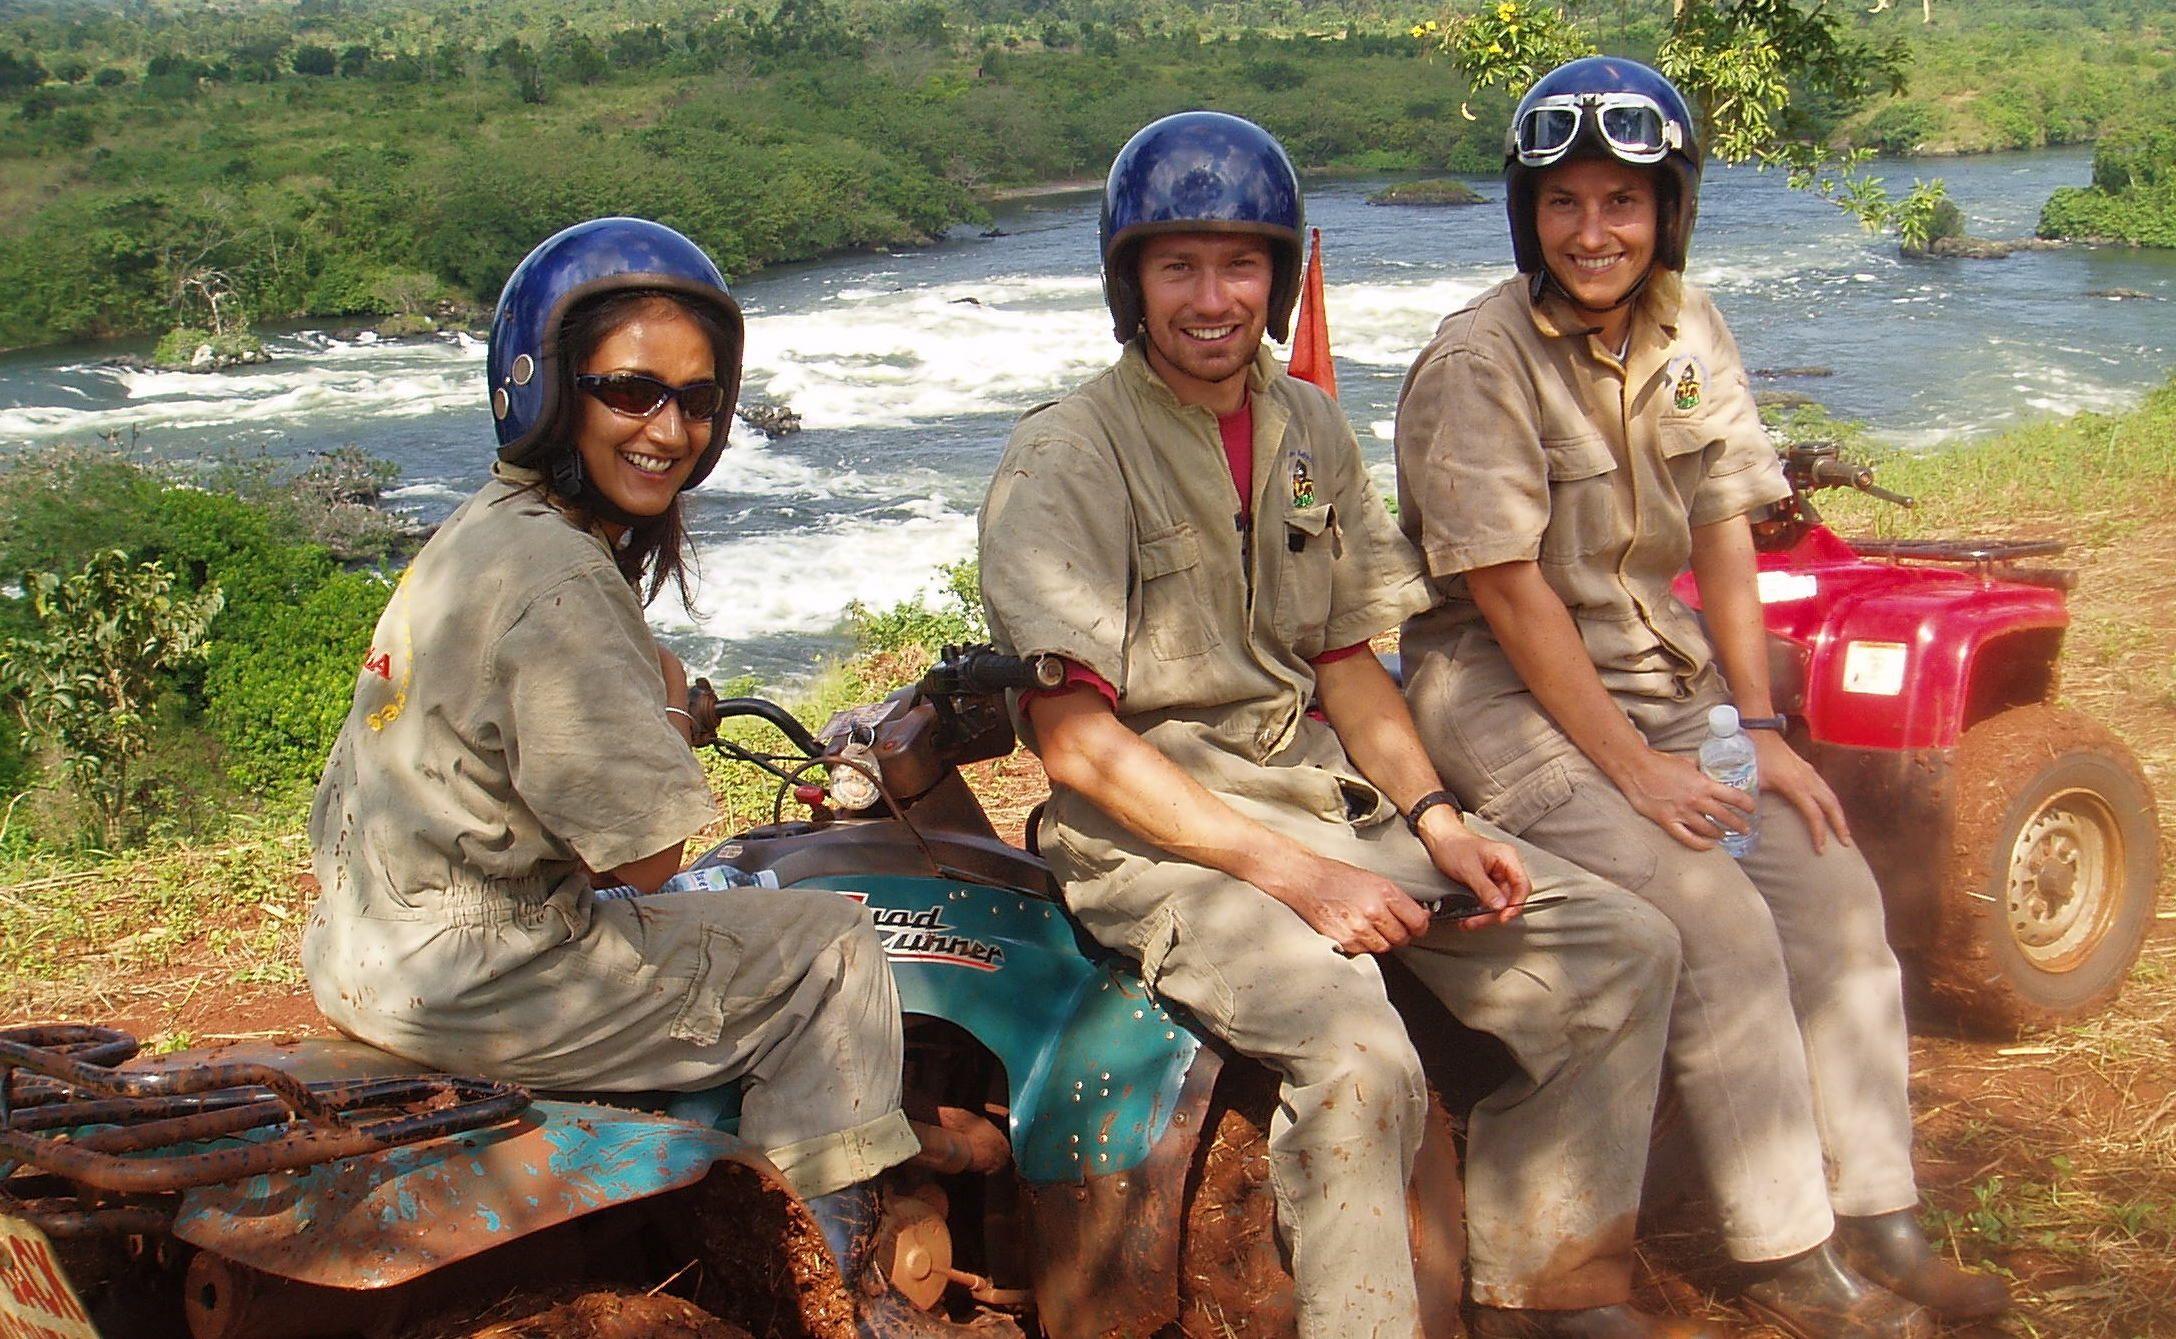 Quad biking in Uganda